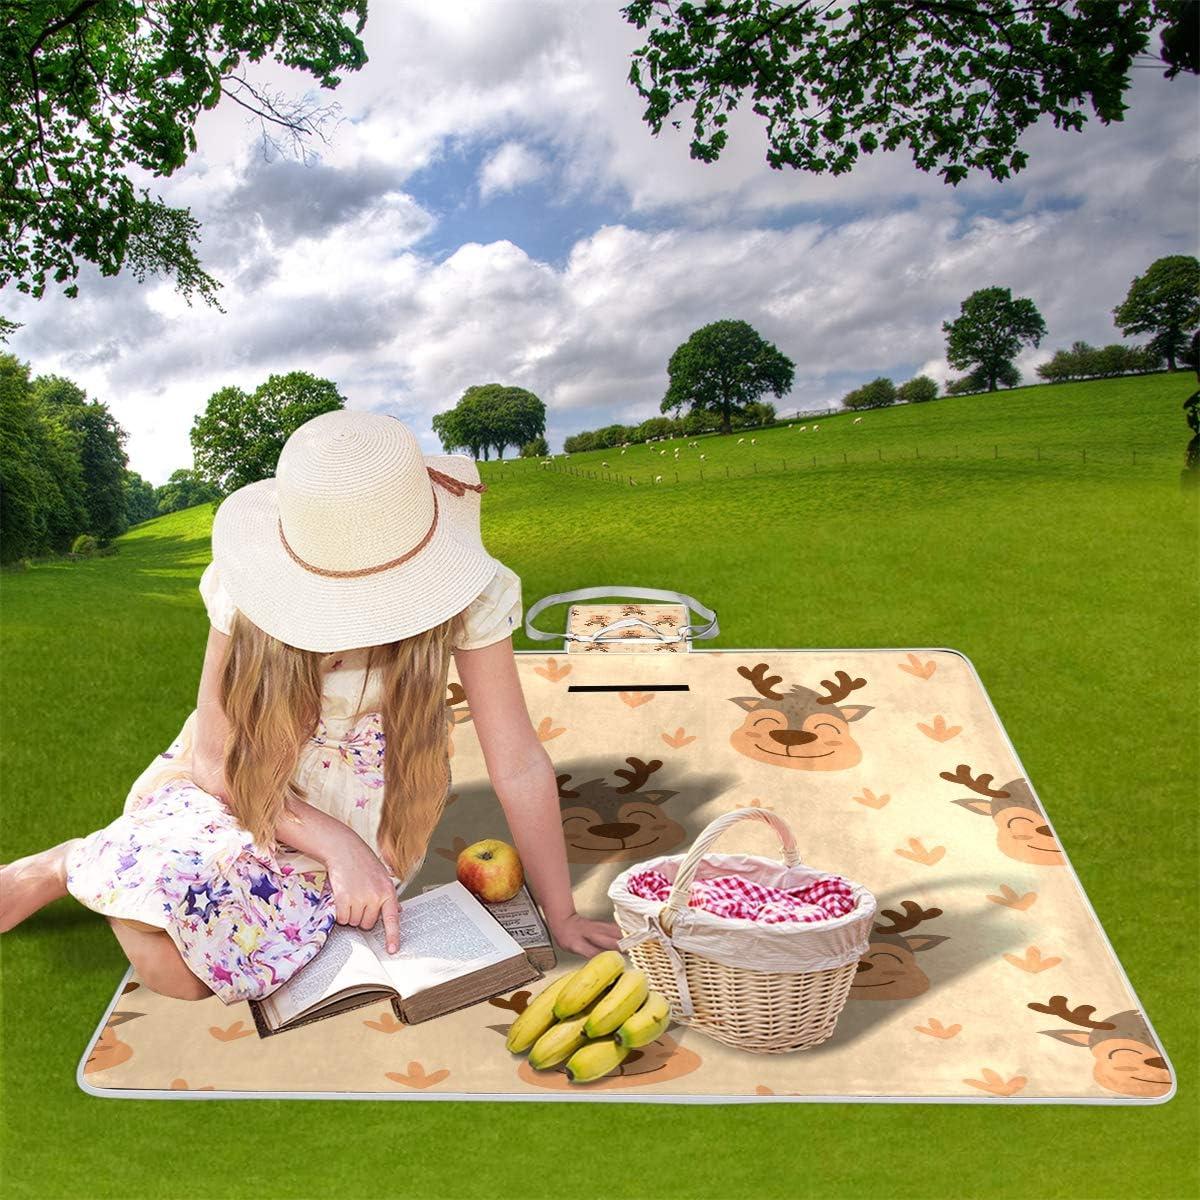 XINGAKA Coperta da Picnic Tappetino Campeggio,Teschi di Cuori Senza Giunte di Vettore,Giardino Spiaggia Impermeabile Anti Sabbia 12